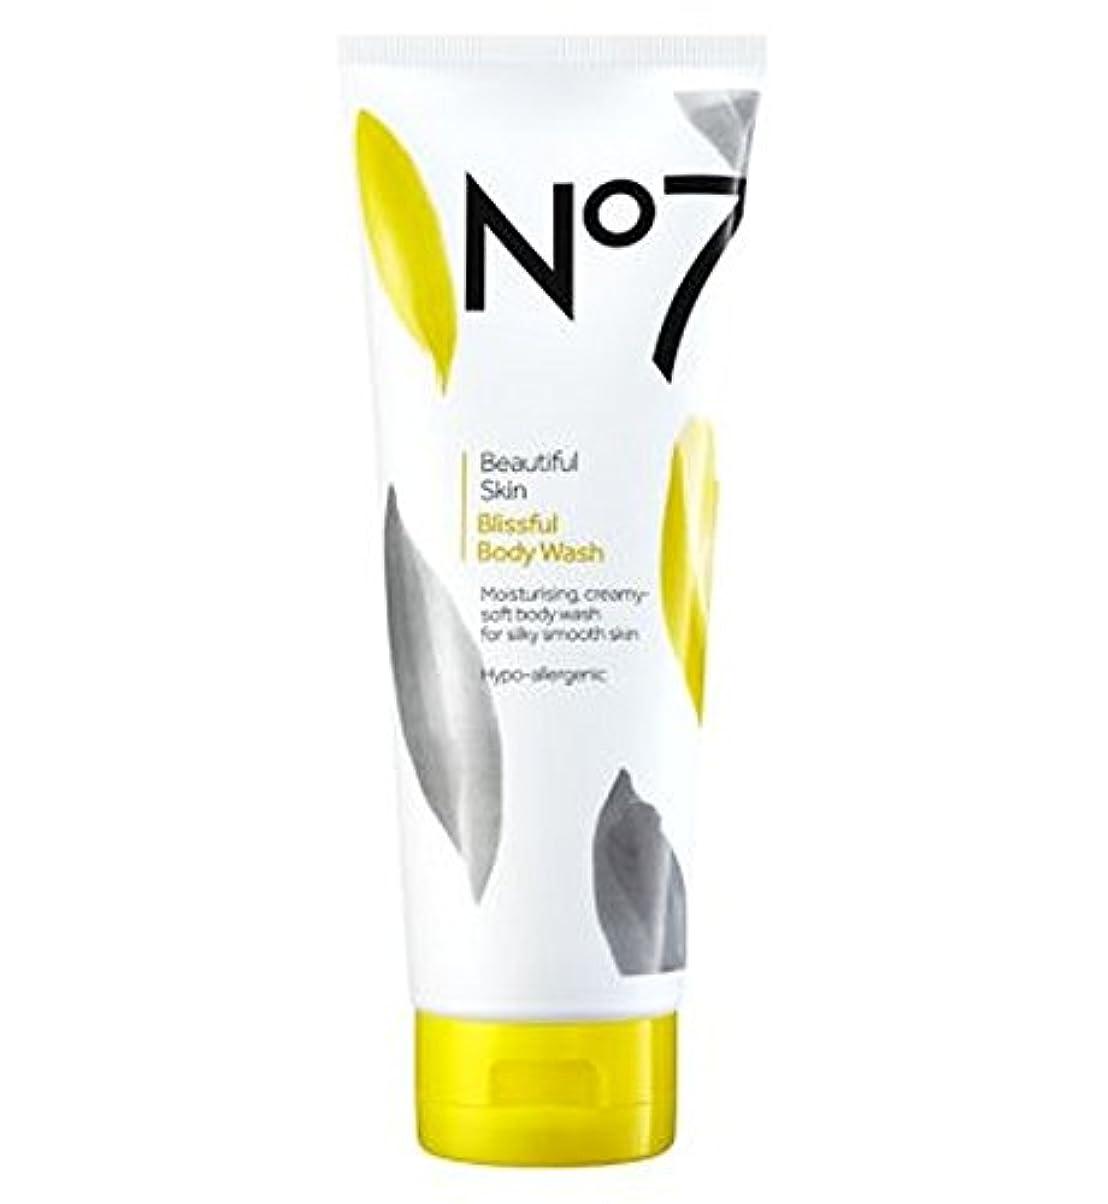 構成員トレイ病的No7 Beautiful Skin Blissful Body Wash - No7美しい肌至福のボディウォッシュ (No7) [並行輸入品]